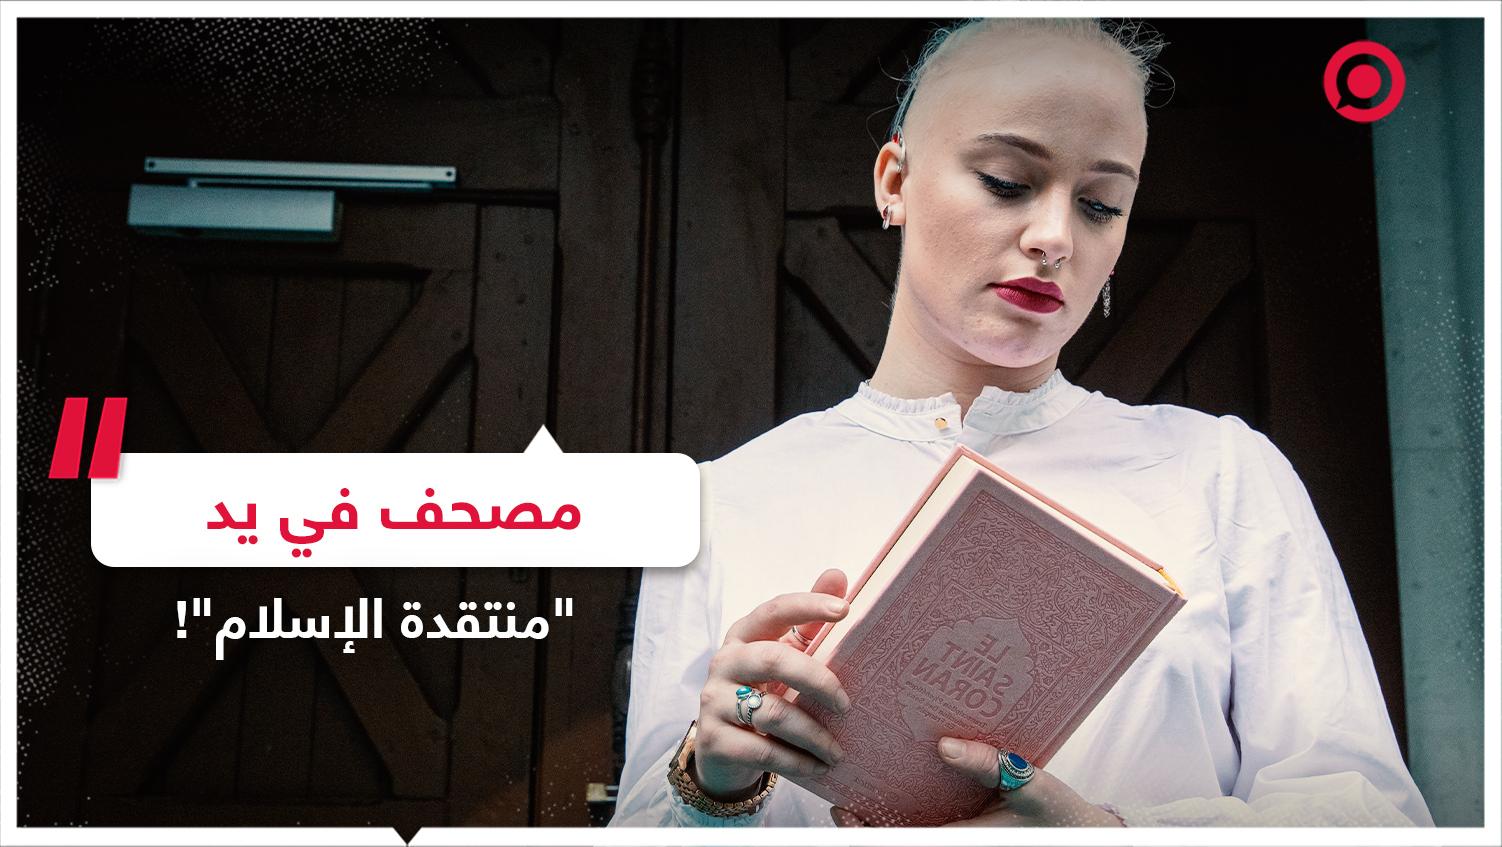 شابة فرنسية تزور مسجدا بعد انتقادها الإسلام